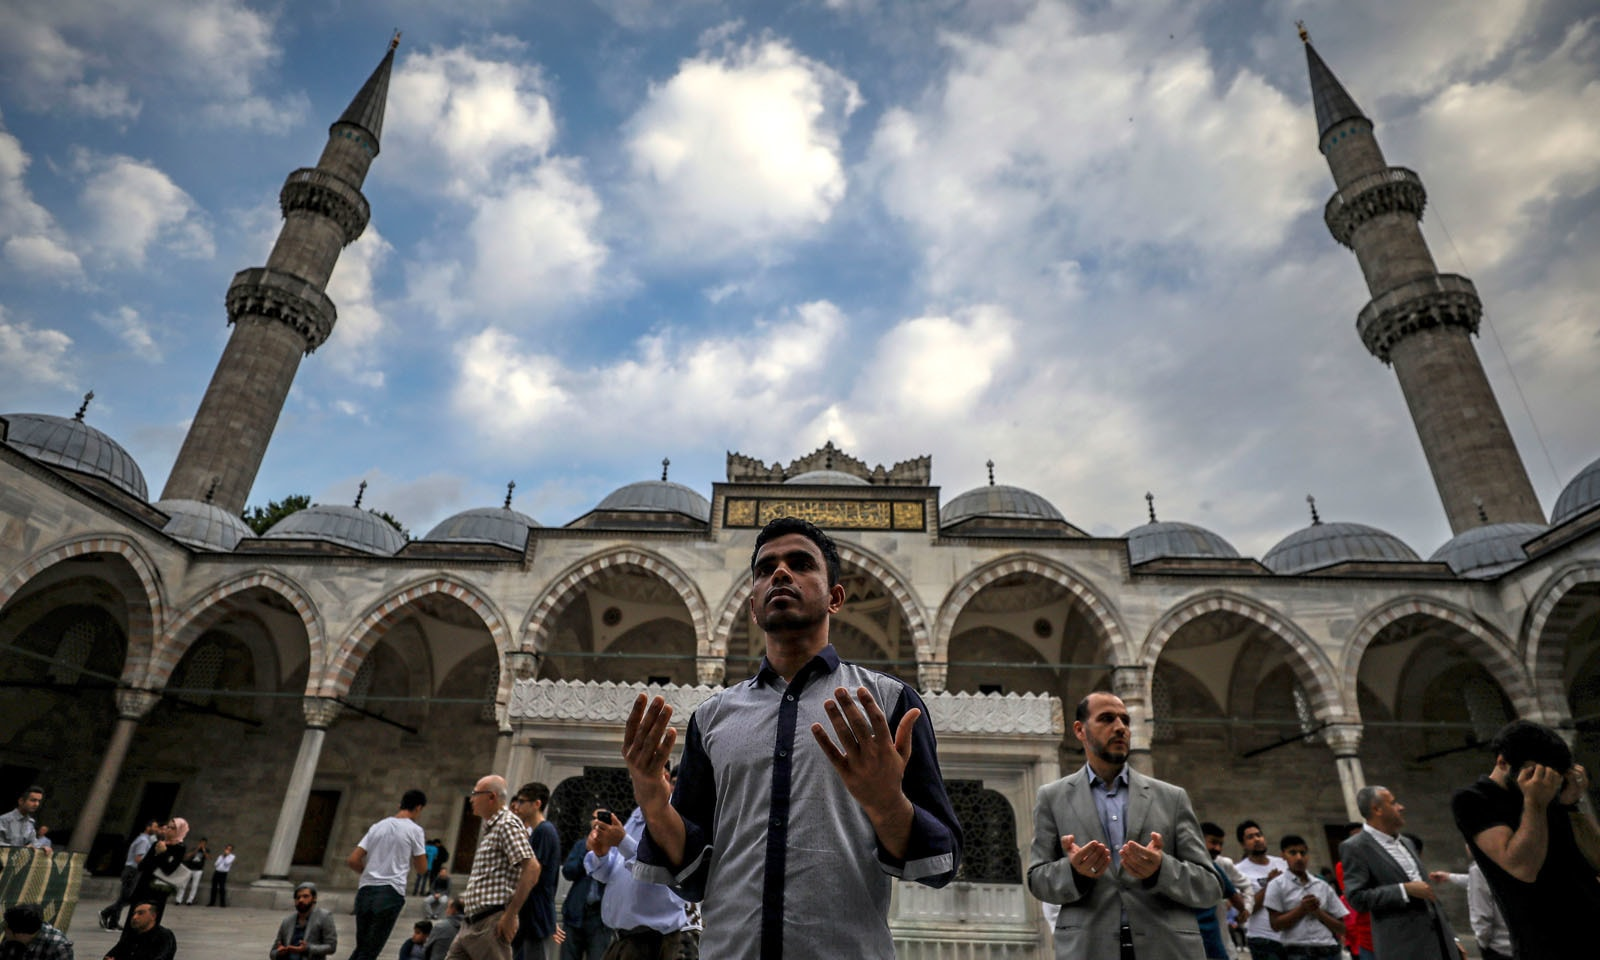 ترکی کی مسلمانوں نے عید کے موقع پر مساجد کا رخ کرلیا —فوٹو/ اے پی